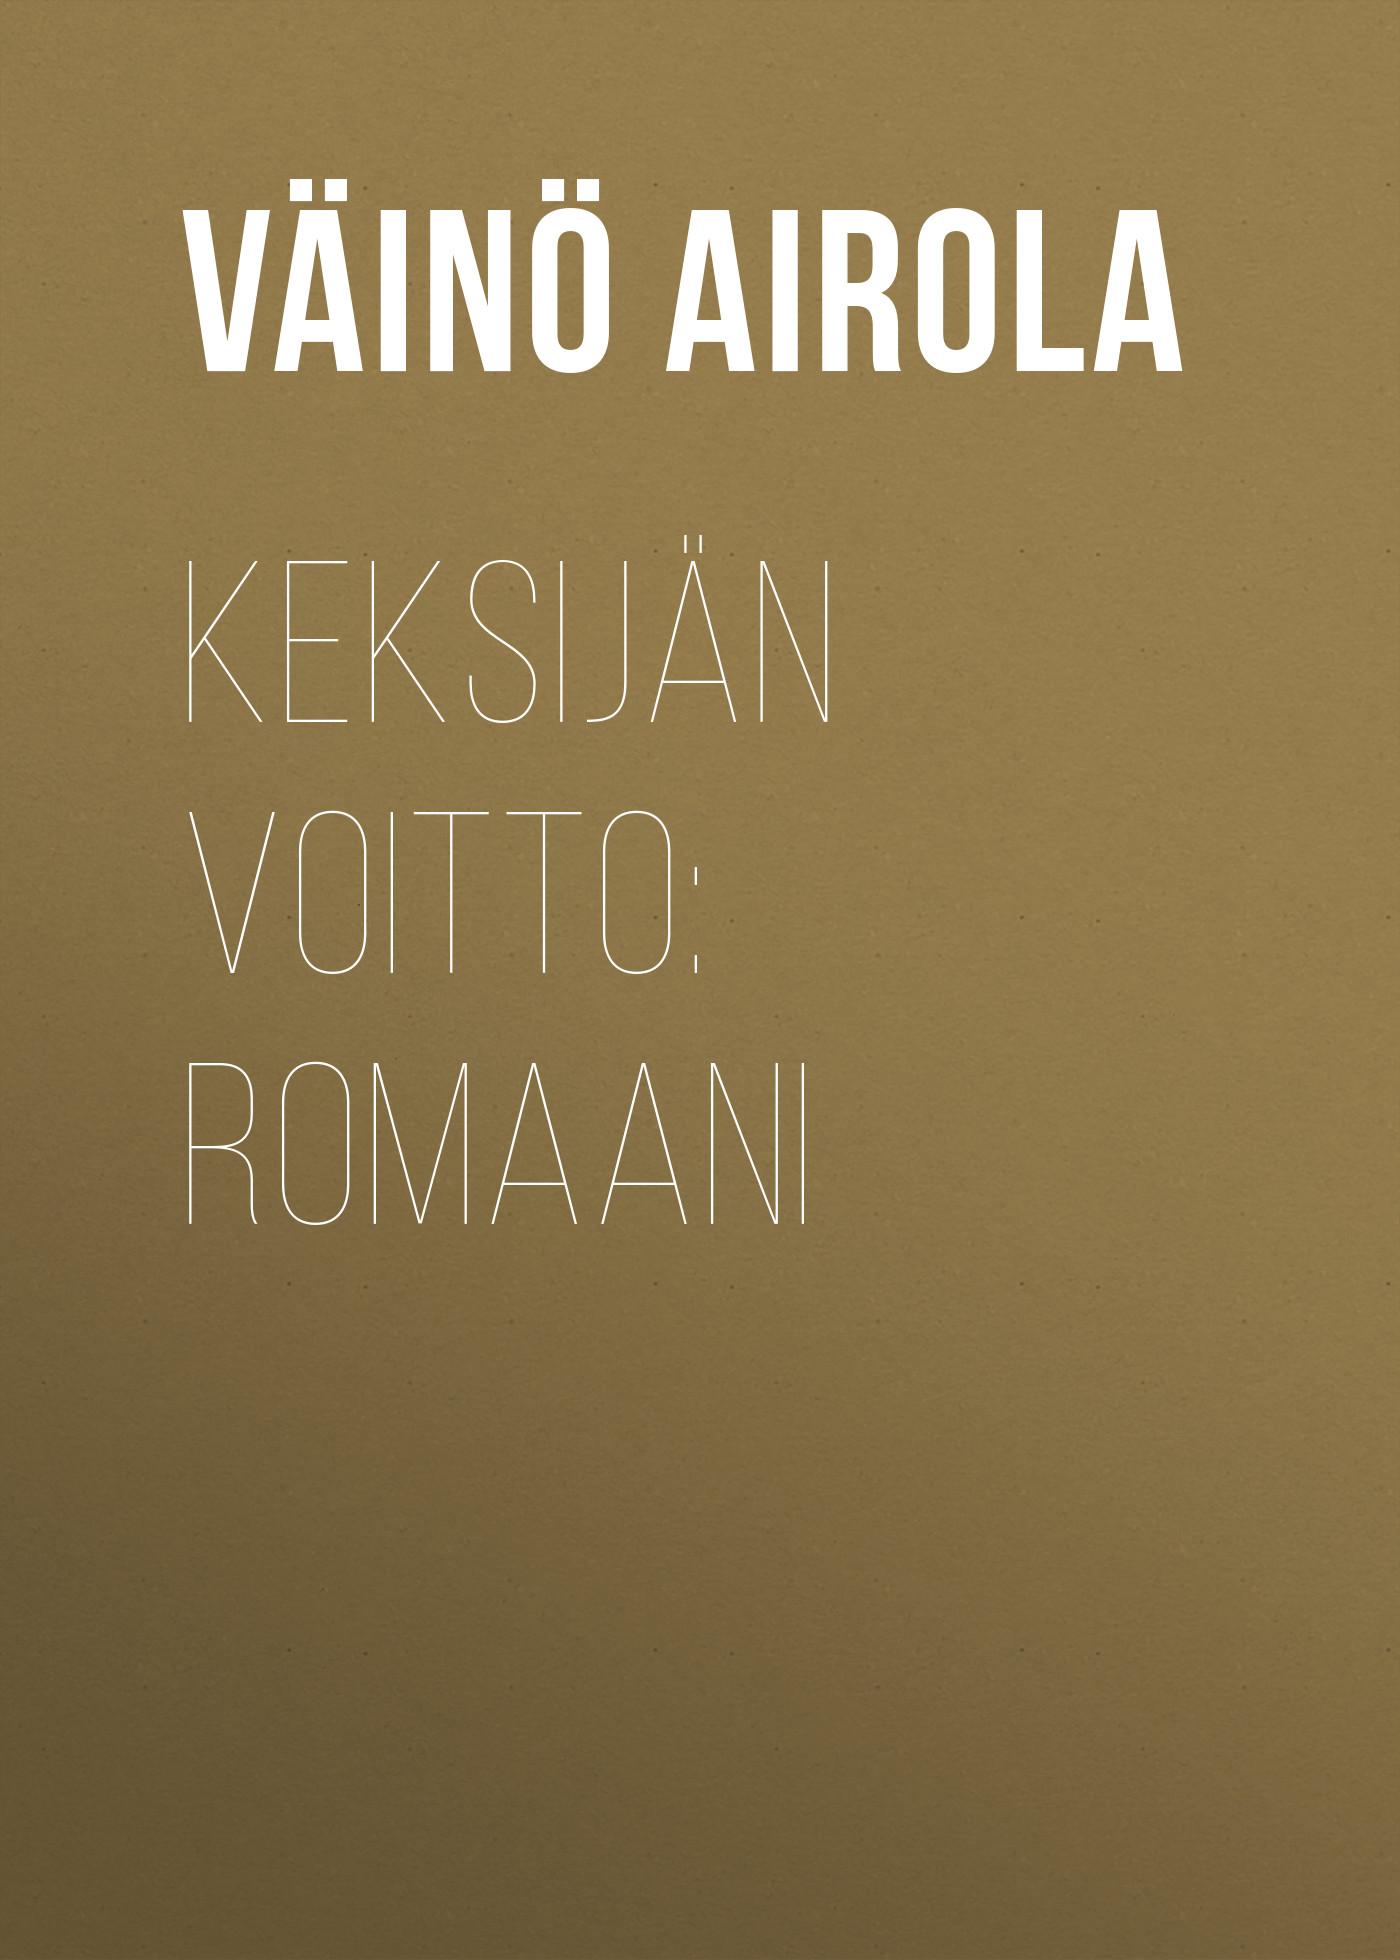 Airola Väinö Keksijän voitto: Romaani